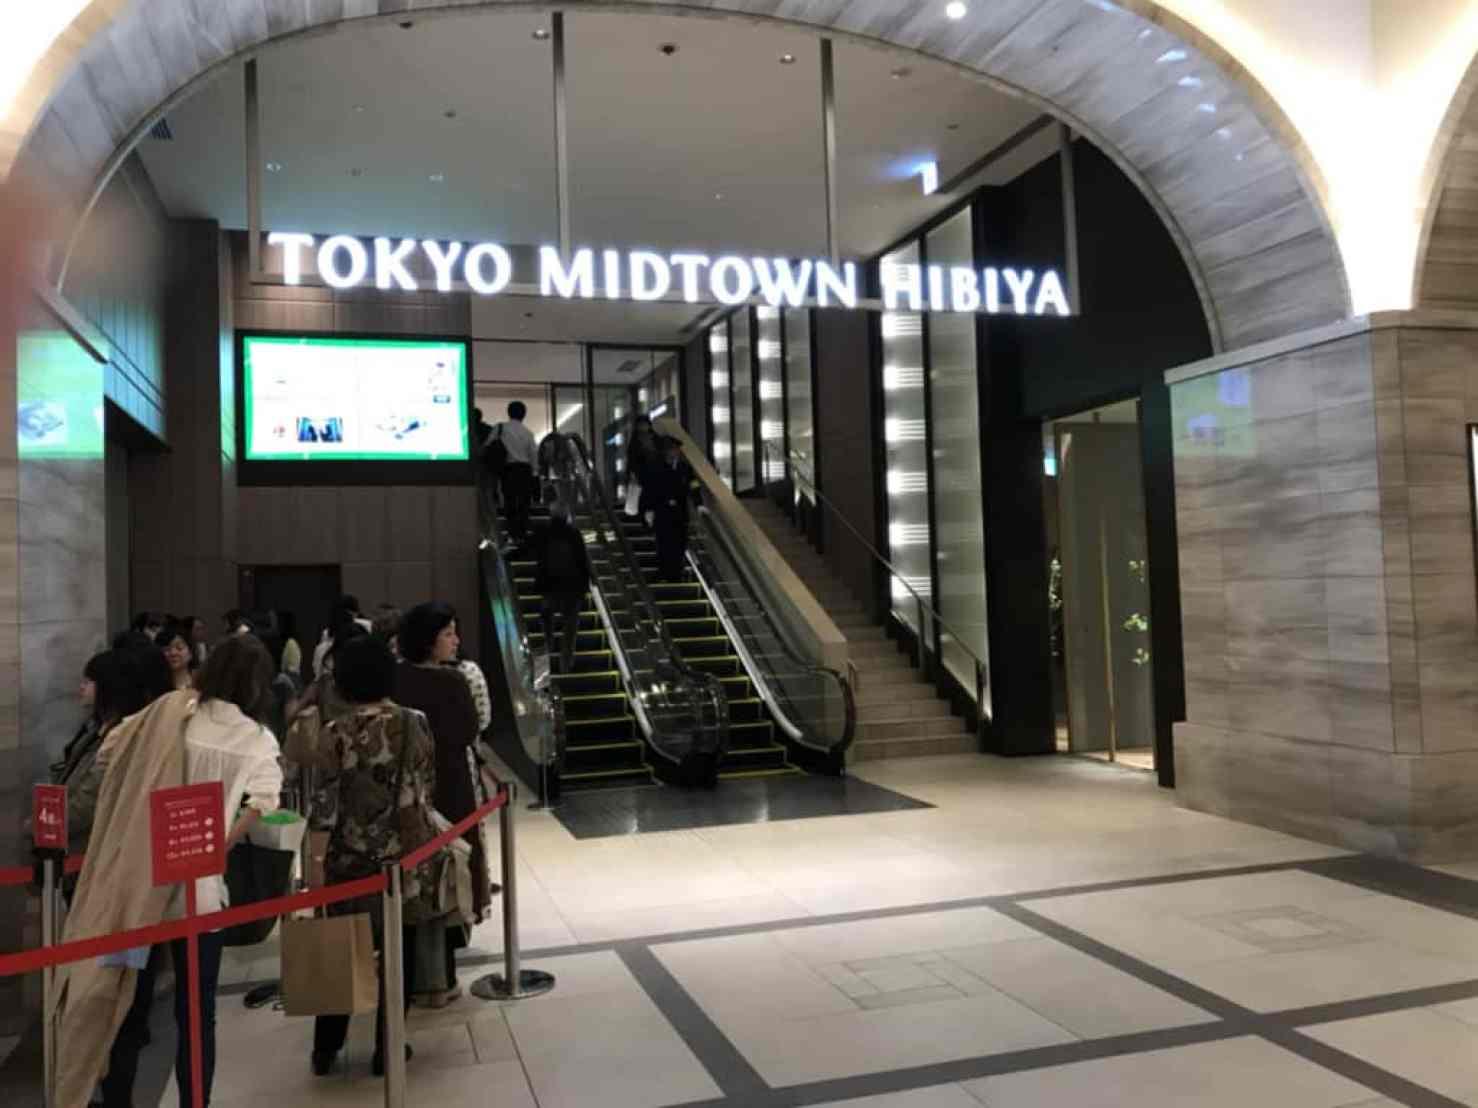 レクサスミーツのアクセス 東京ミッドタウン日比谷